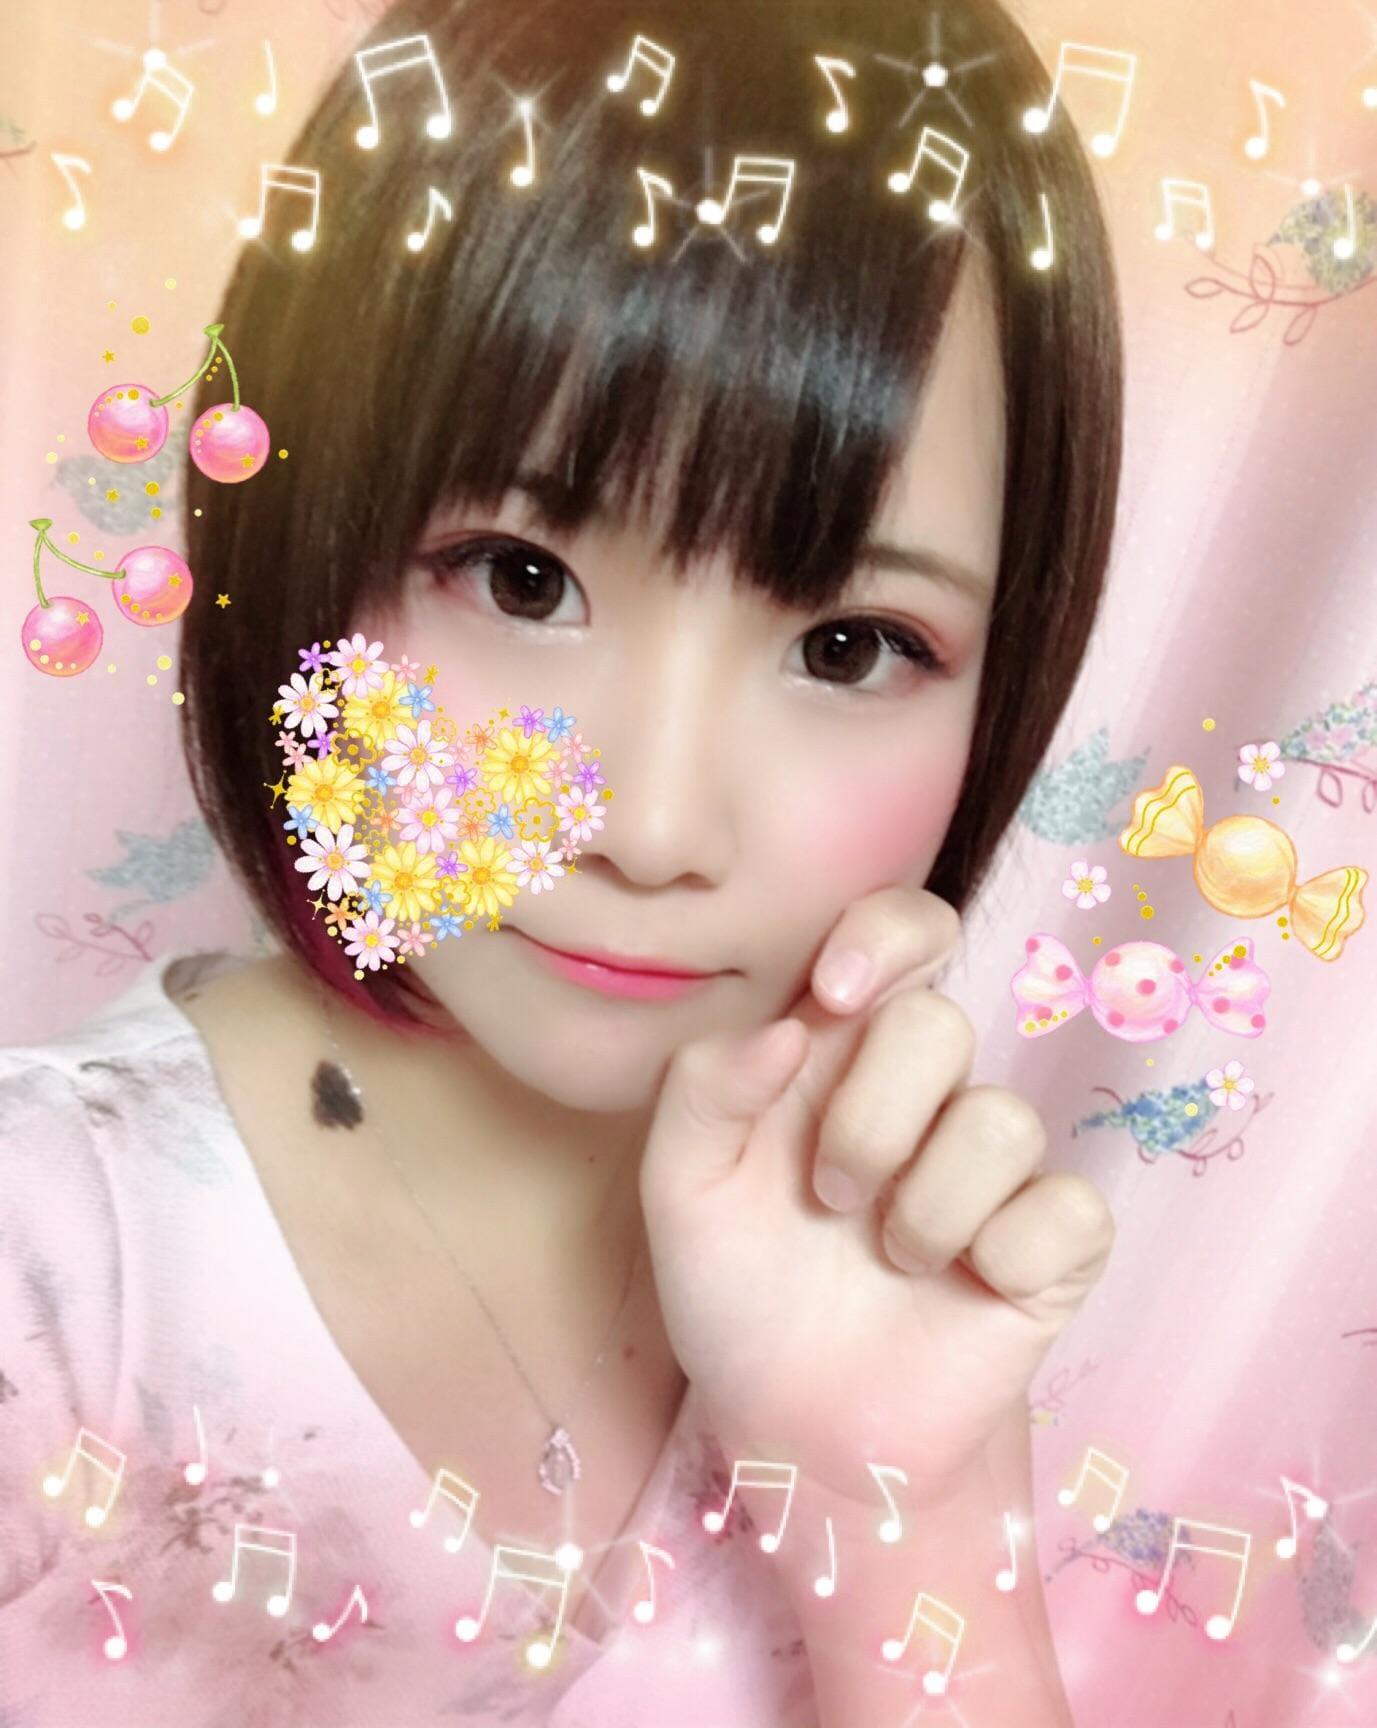 「モテるおんな」09/07(金) 10:29   みわの写メ・風俗動画